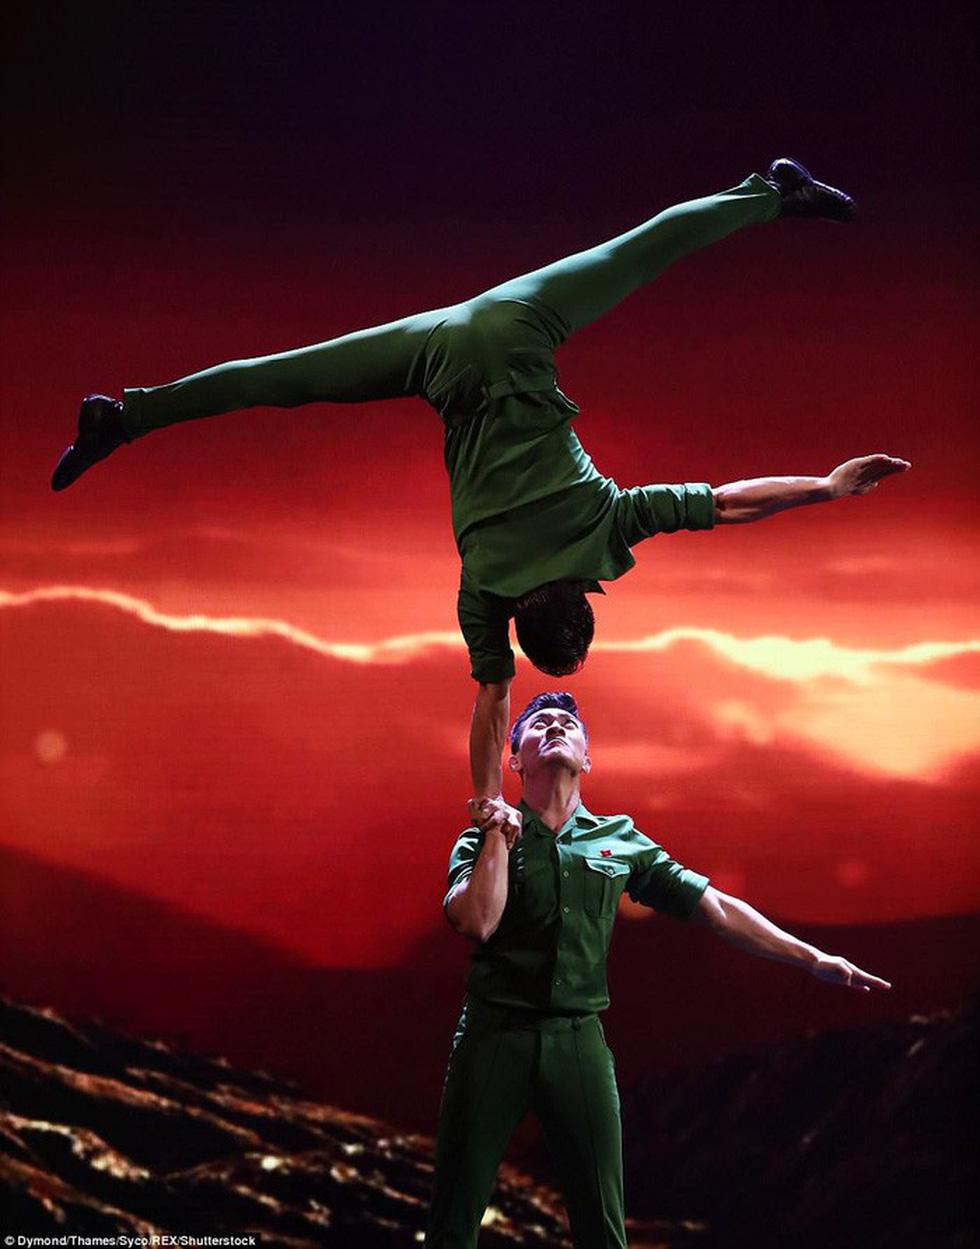 Quốc Cơ, Quốc Nghiệp: cú nhảy như hi sinh cho Tổ quốc của mình - Ảnh 2.